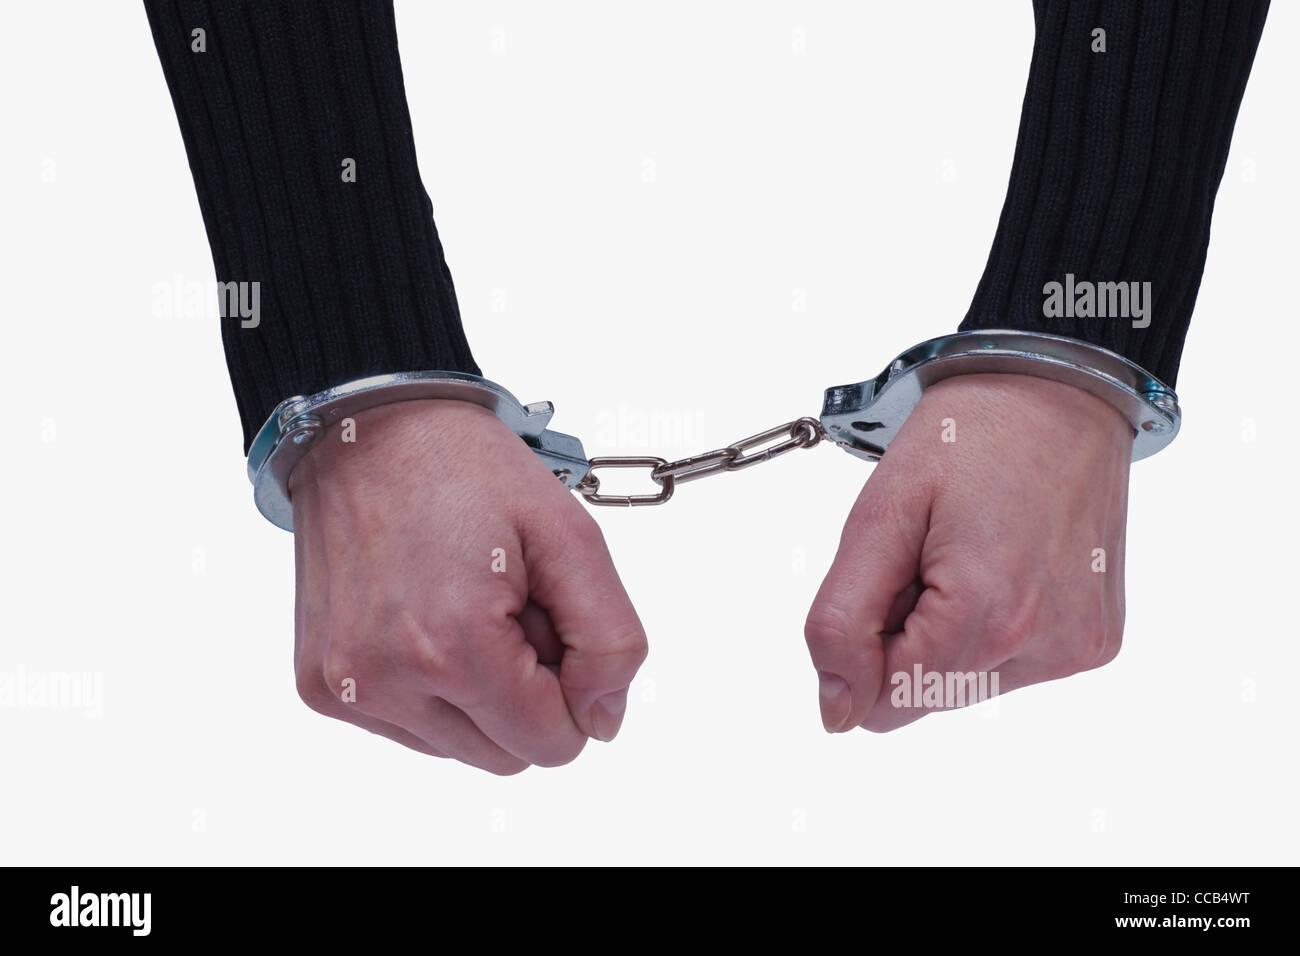 ein Mensch hat, durch Handschellen, gefesselte Hände   a man has hands tied up by handcuffs - Stock Image